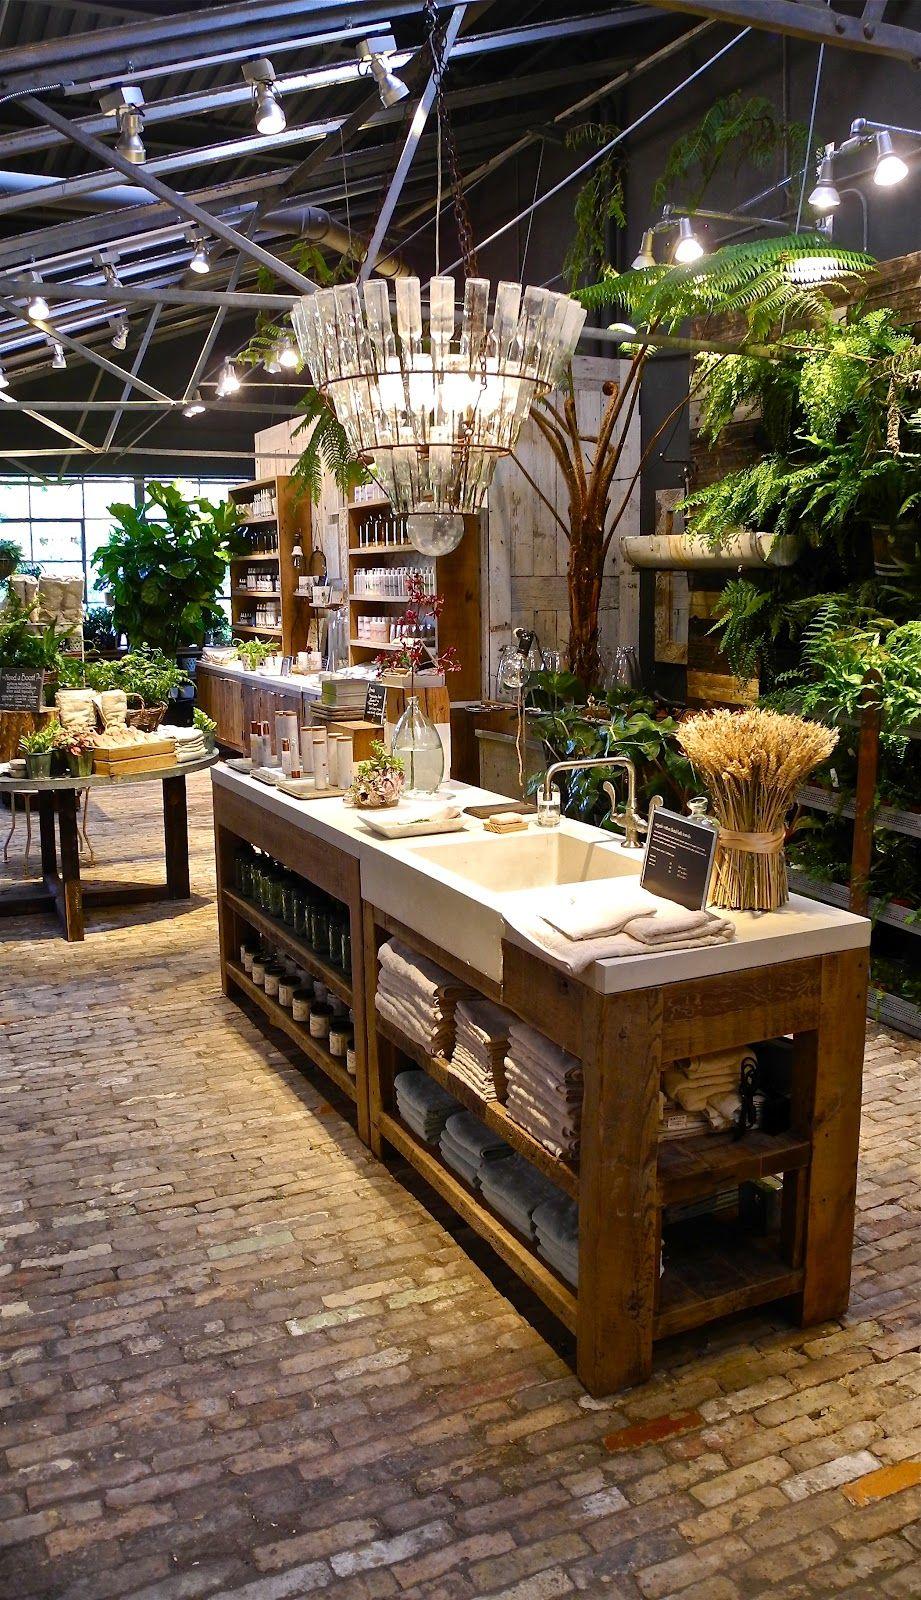 paradis express: Terrain in Westport | Flower shop ideas | Pinterest ...